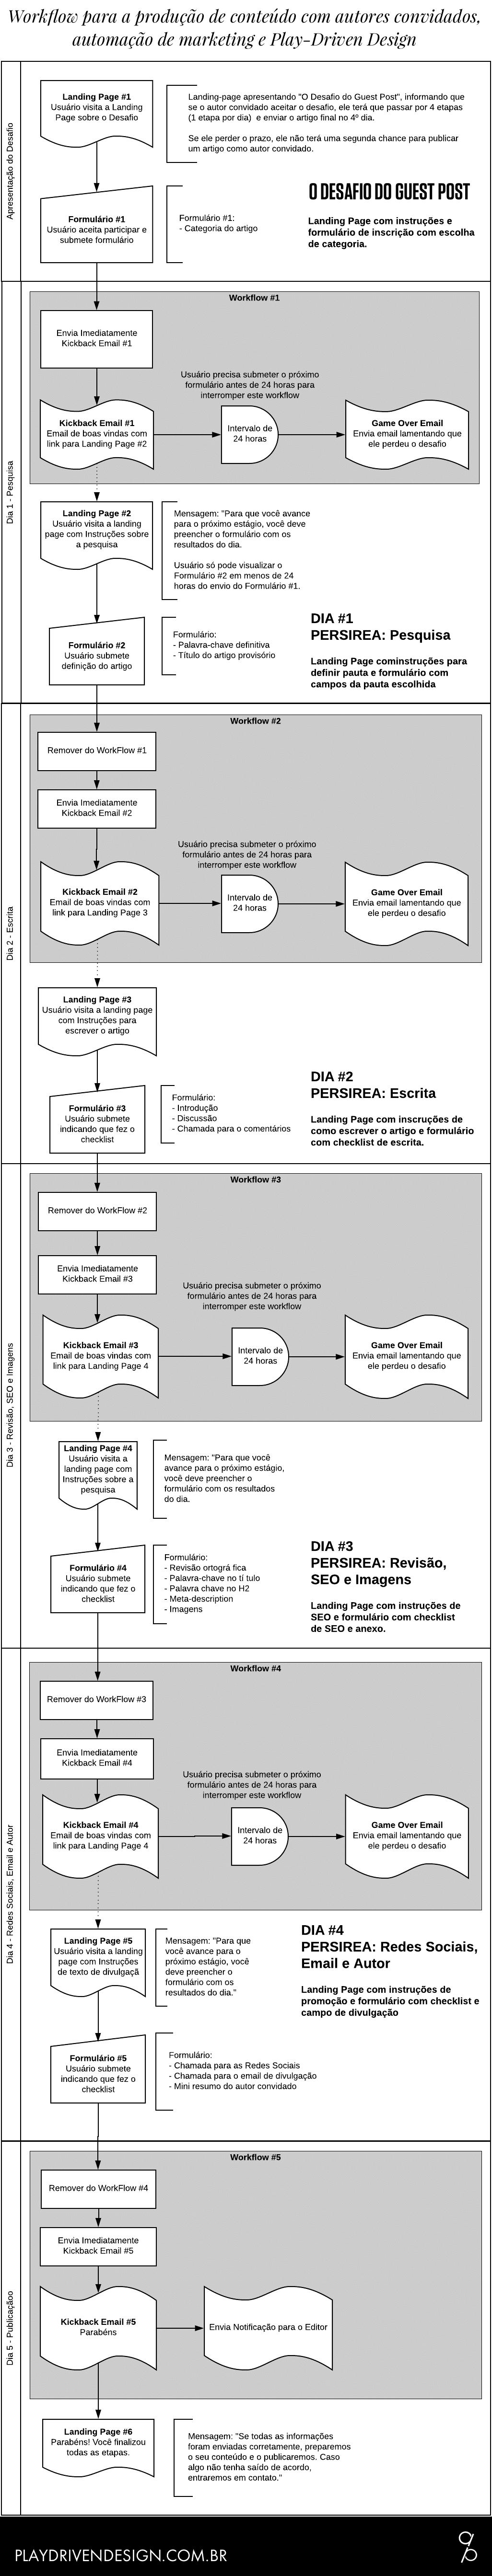 Workflow para a produção de conteúdo com autores convidados, automação de marketing e Play-Driven Design - O Desafio do Guest Post